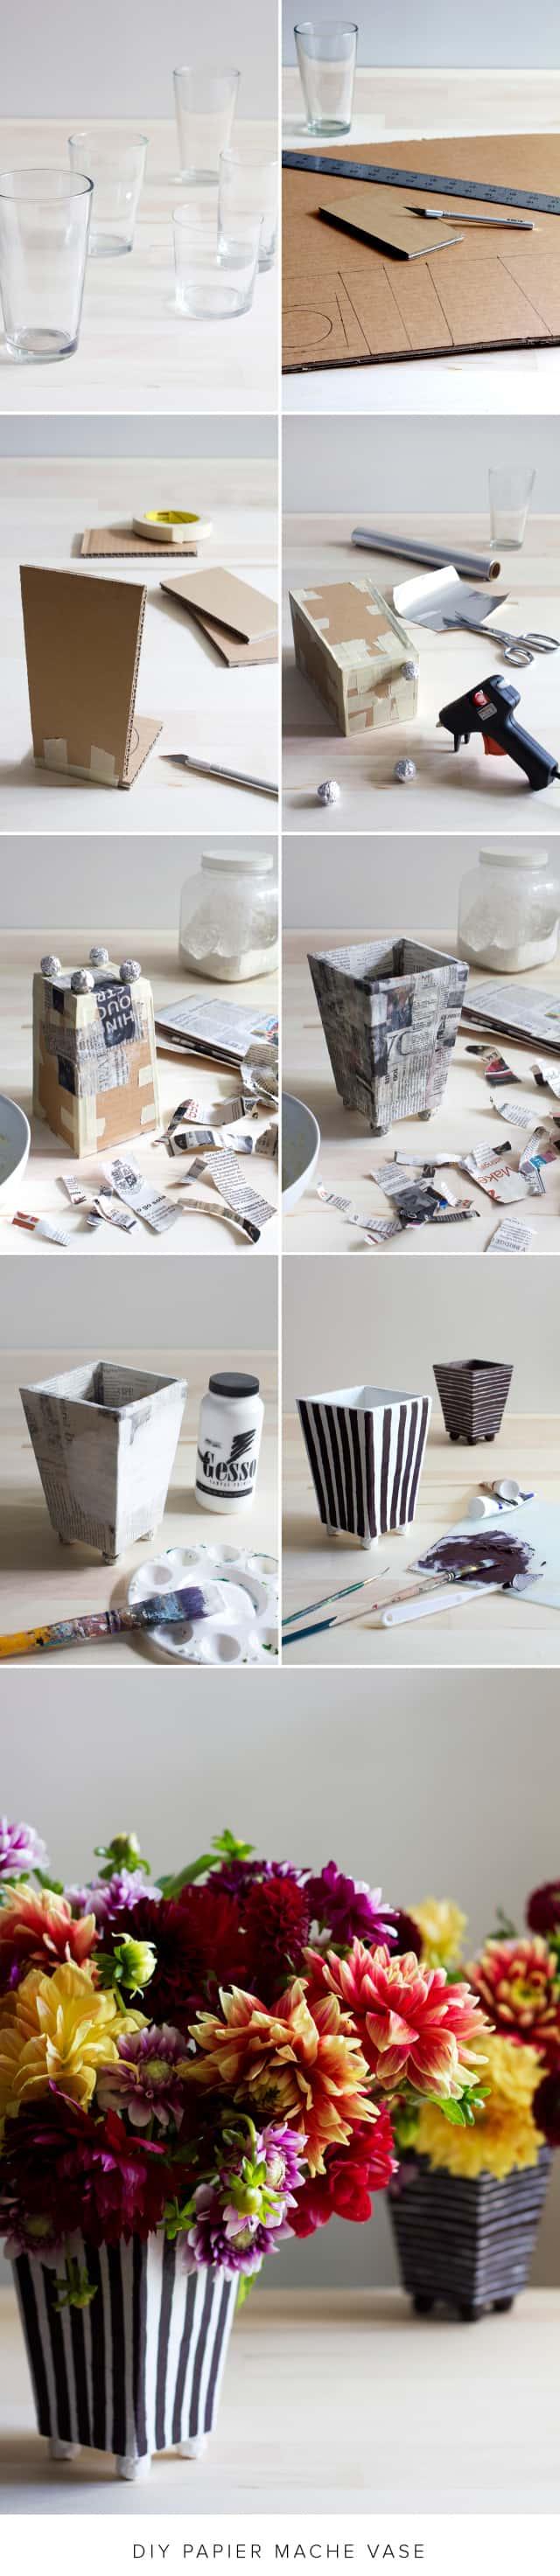 papiermache-vase-1